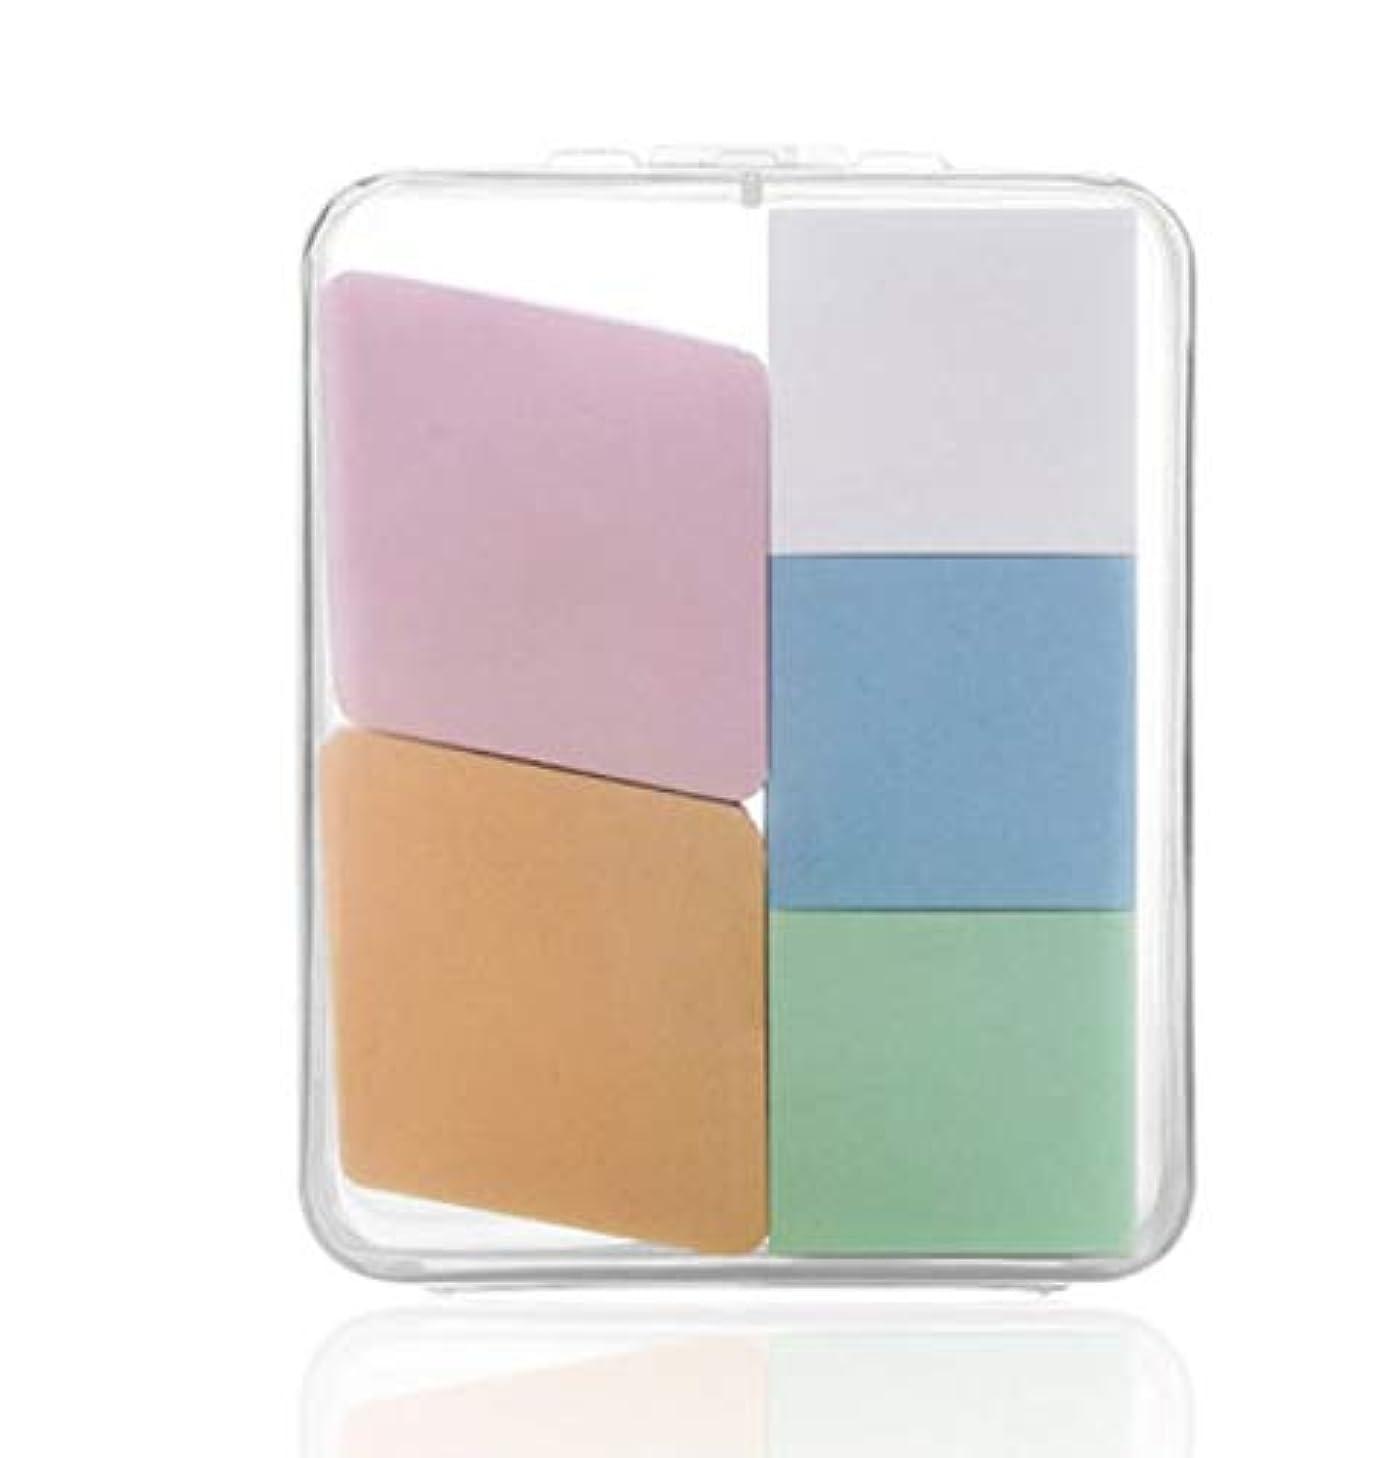 リーチリーチ熟練した美容スポンジ、収納ボックス付きソフト化粧スポンジ美容メイク卵5パック